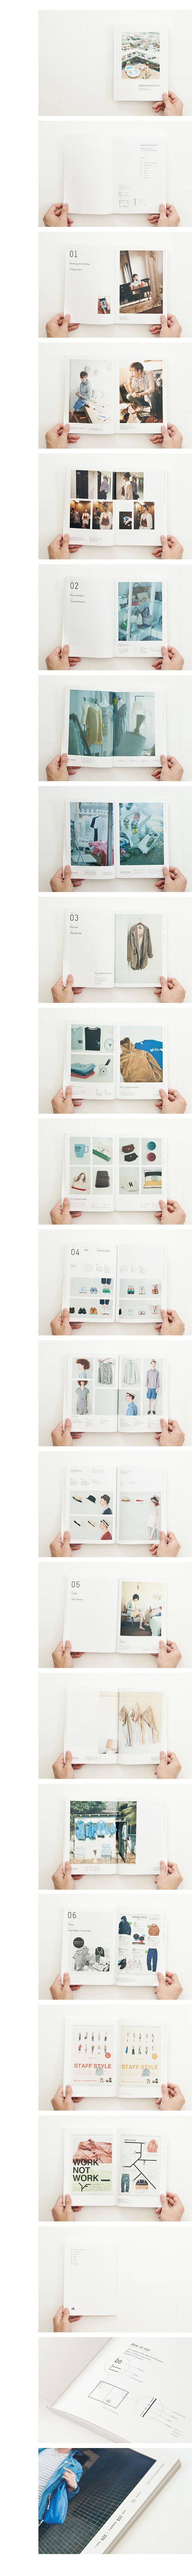 Urban Weekender 2012 S&S Catalog